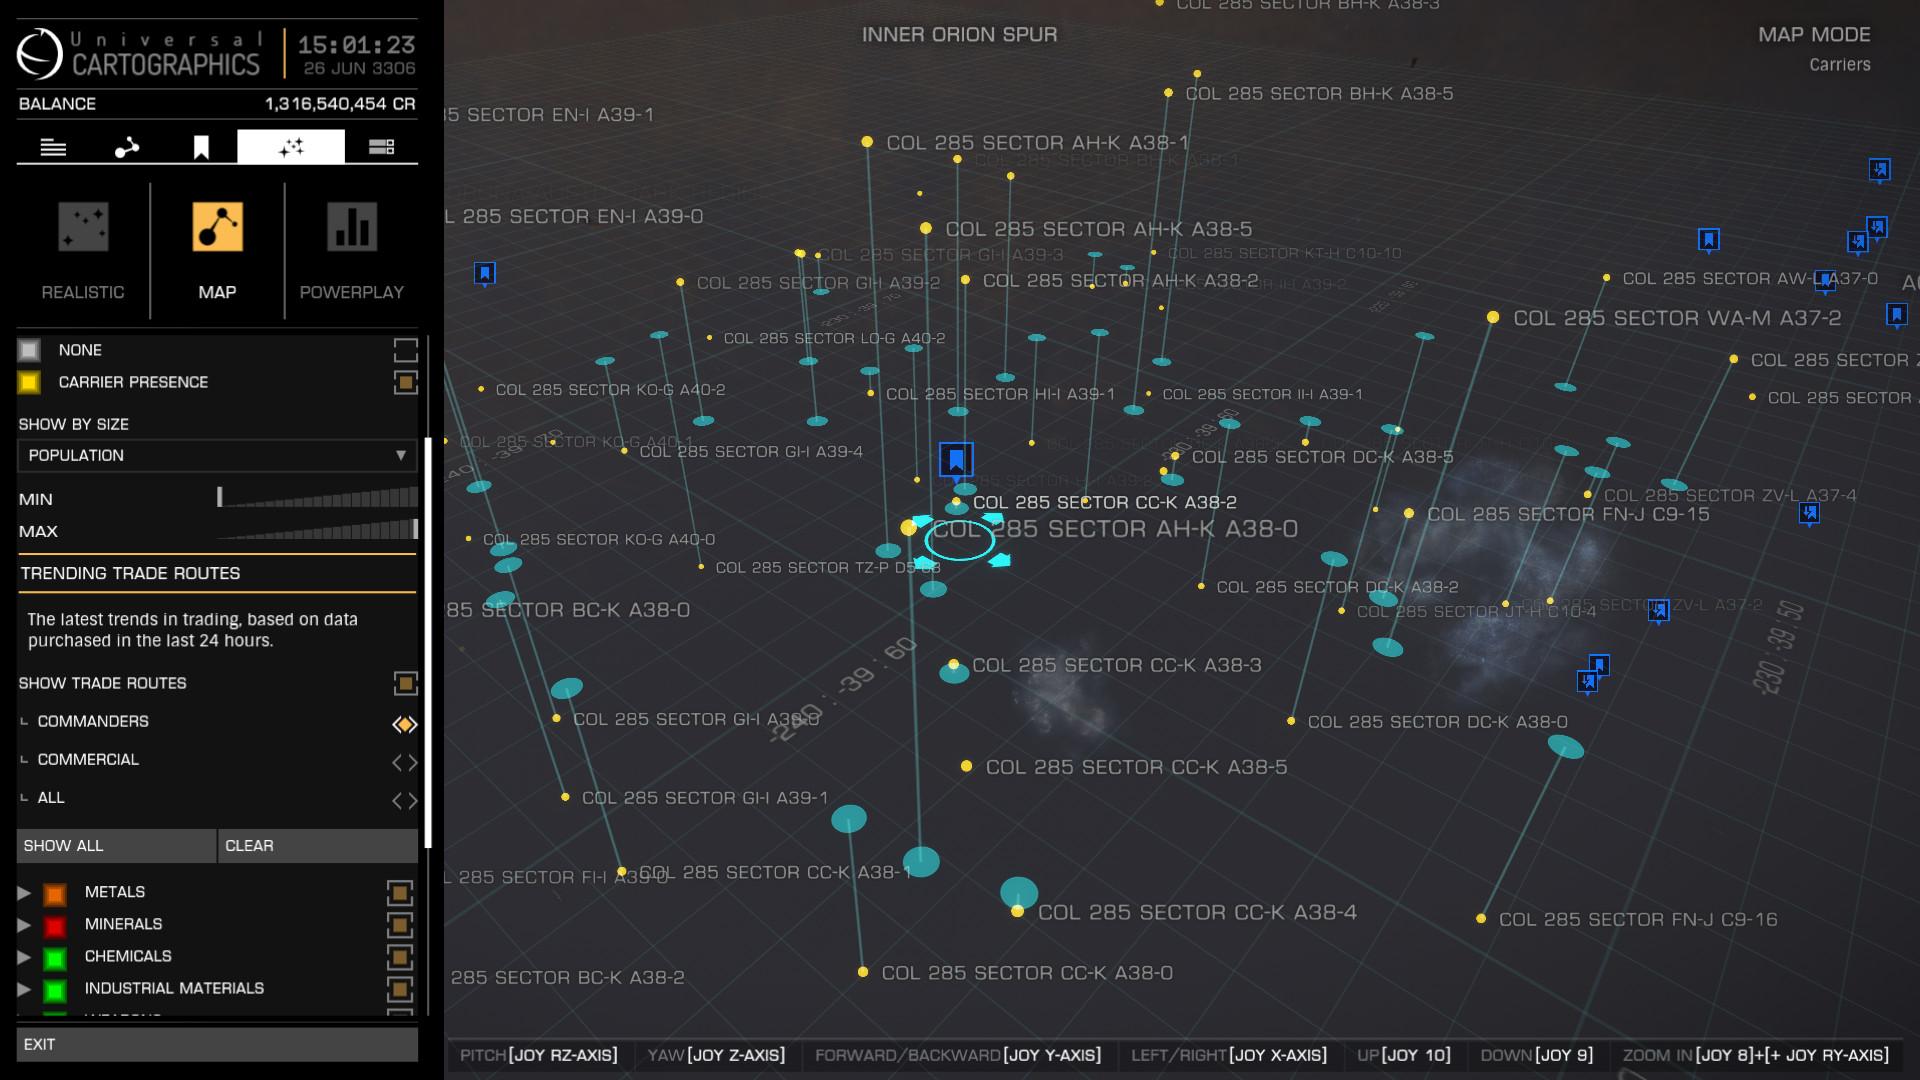 Carrier Bubble.jpg